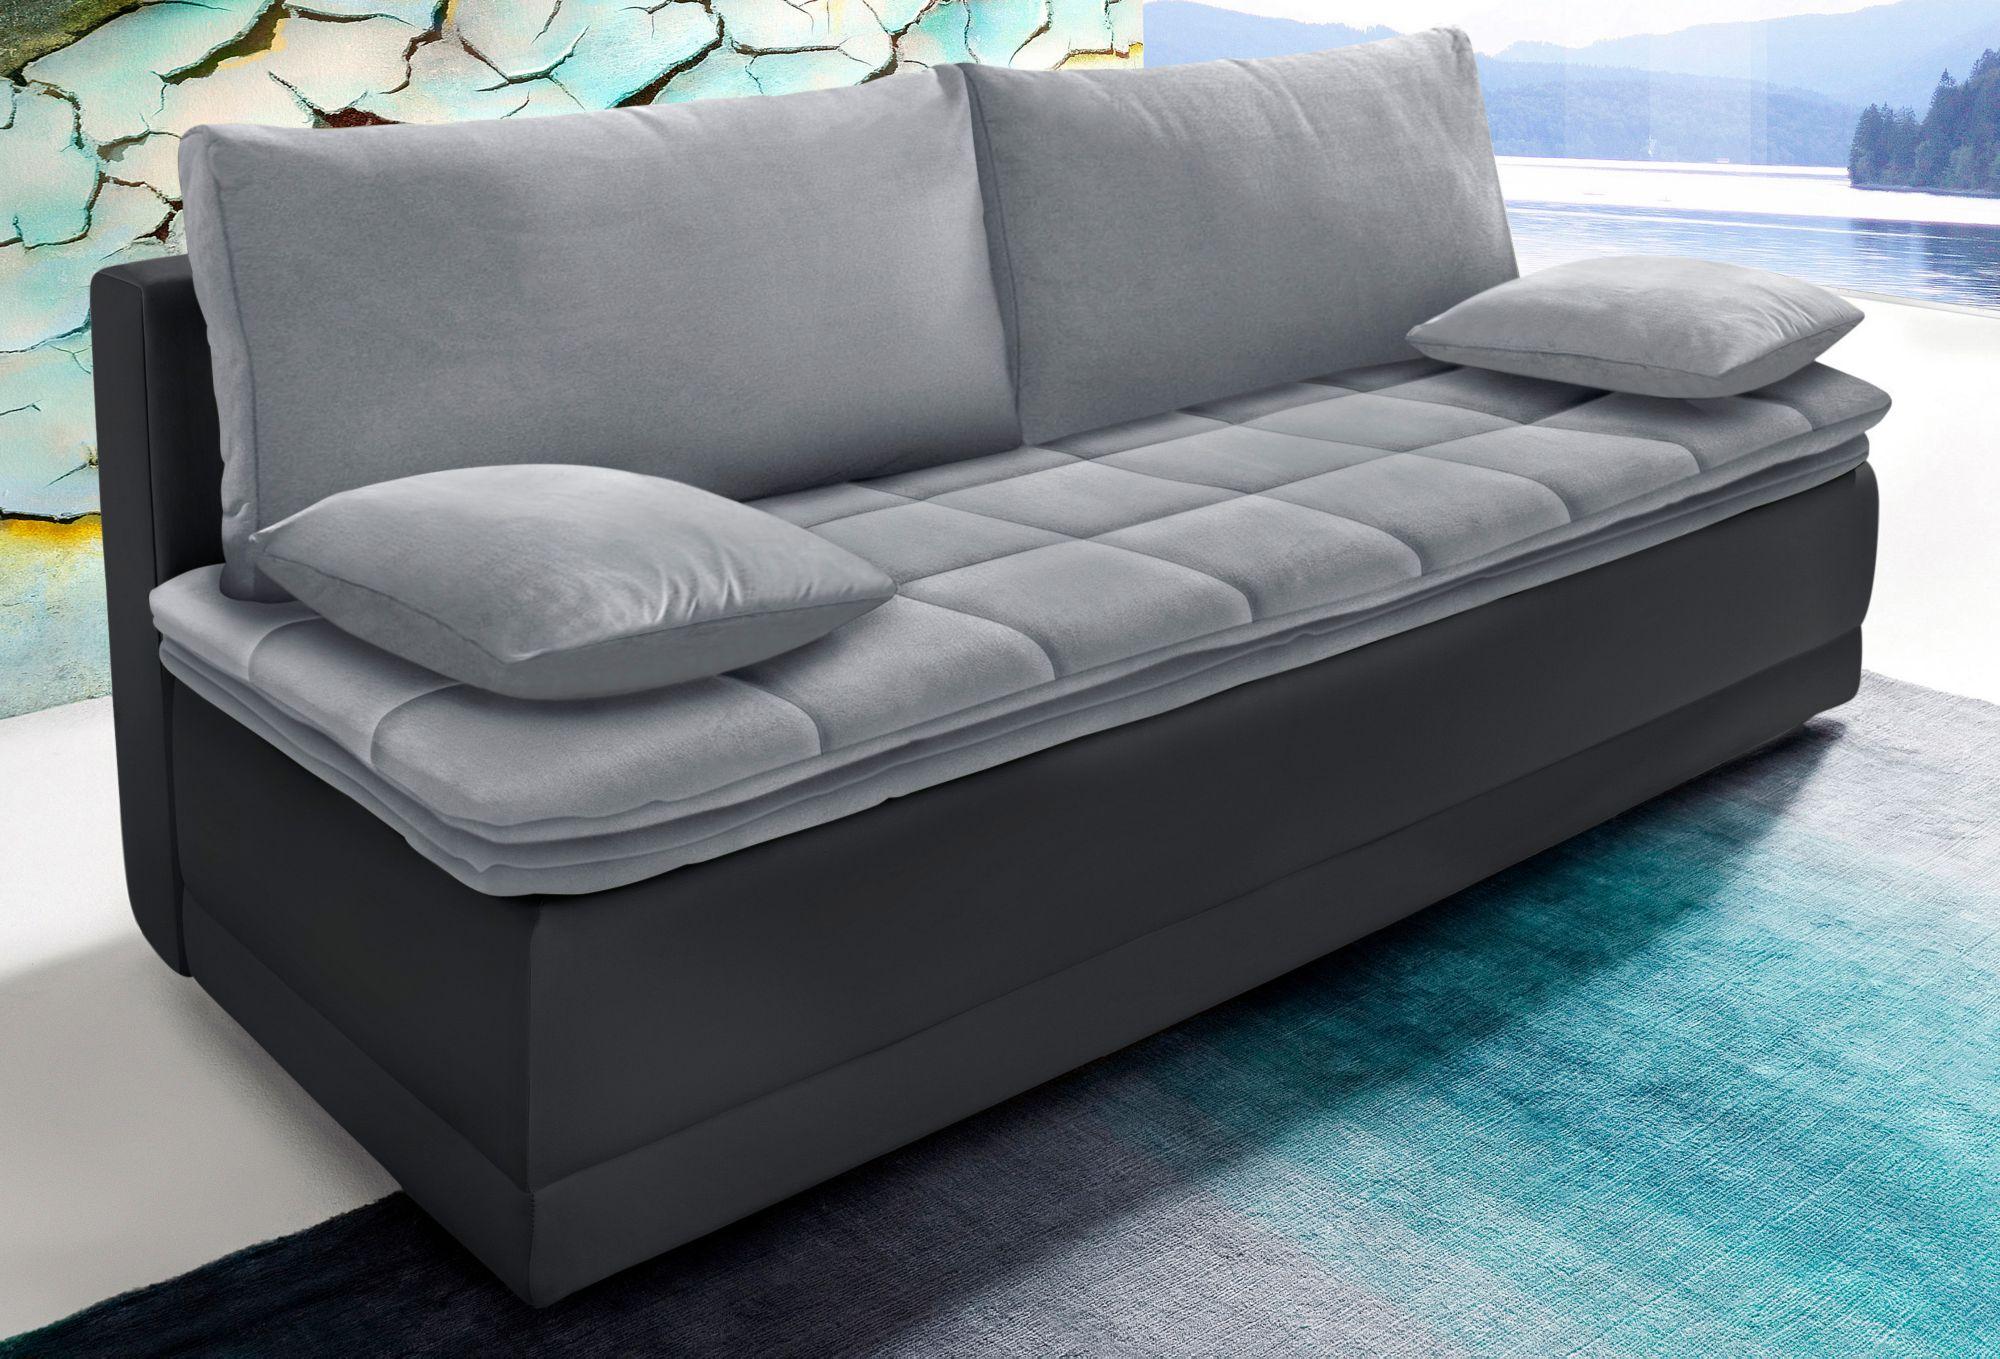 schlafsofa mit boxspringunterfederung schwab versand sofas couches. Black Bedroom Furniture Sets. Home Design Ideas